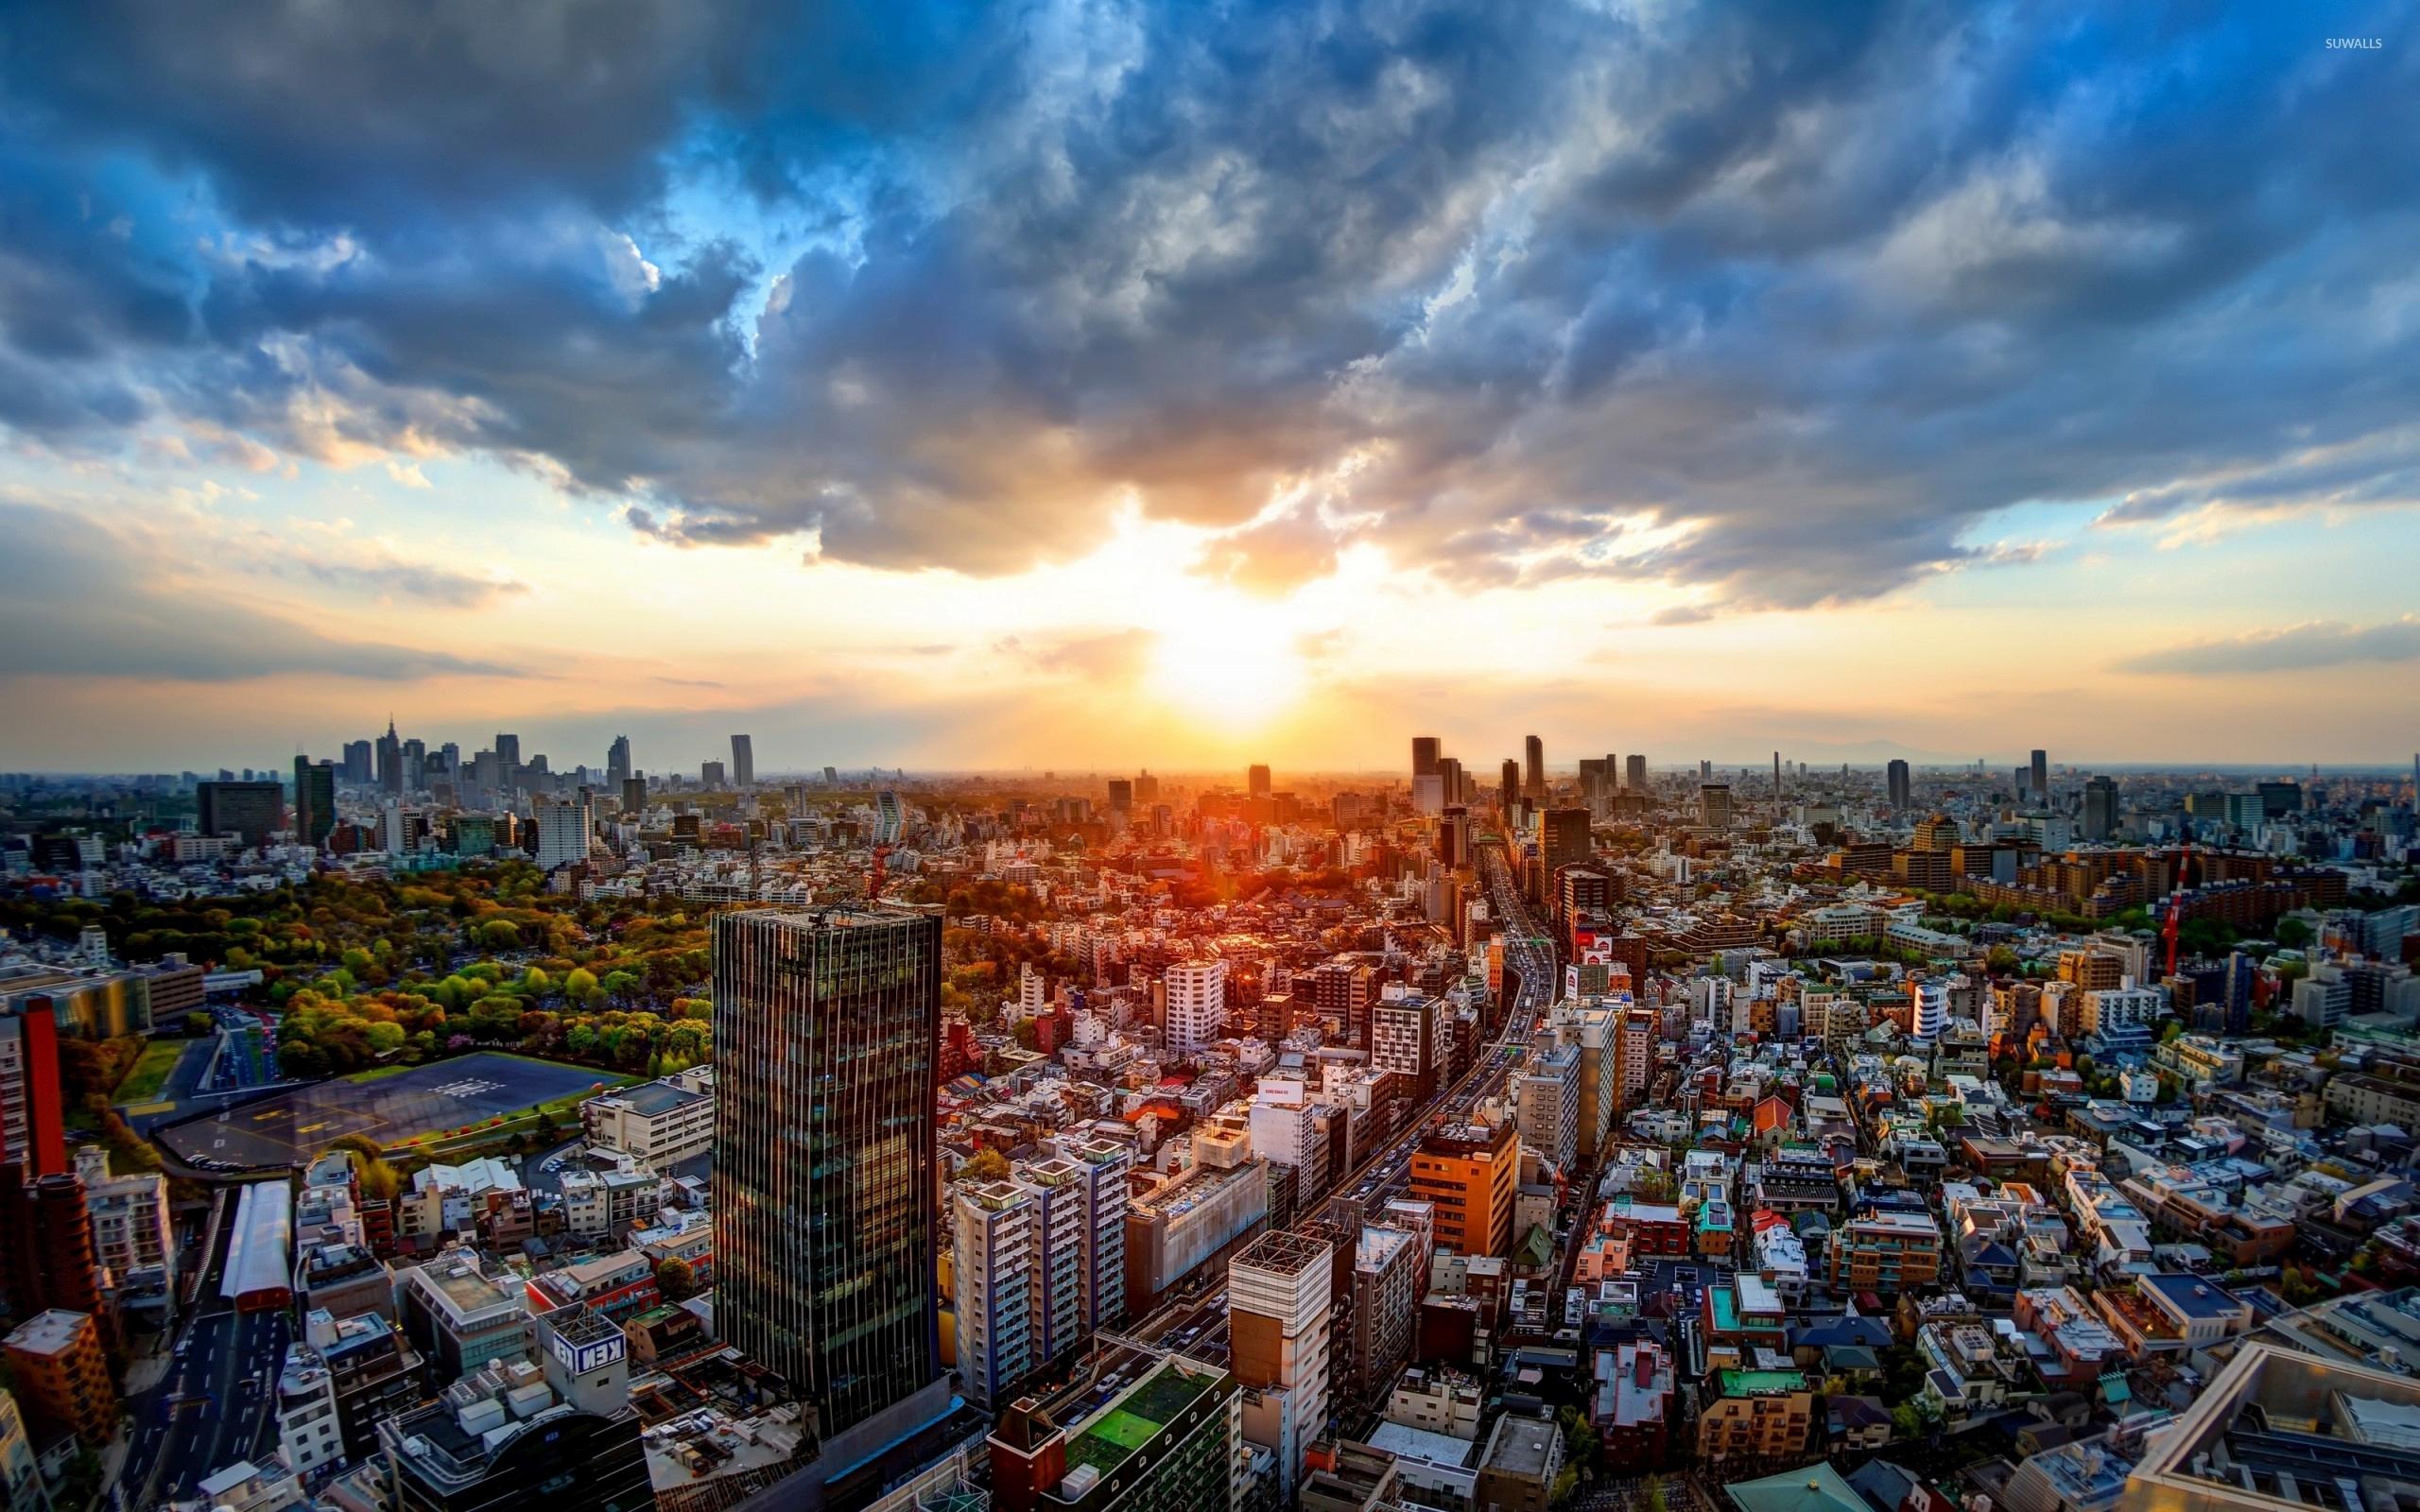 Golden sunset above Tokyo wallpaper World wallpapers 51078